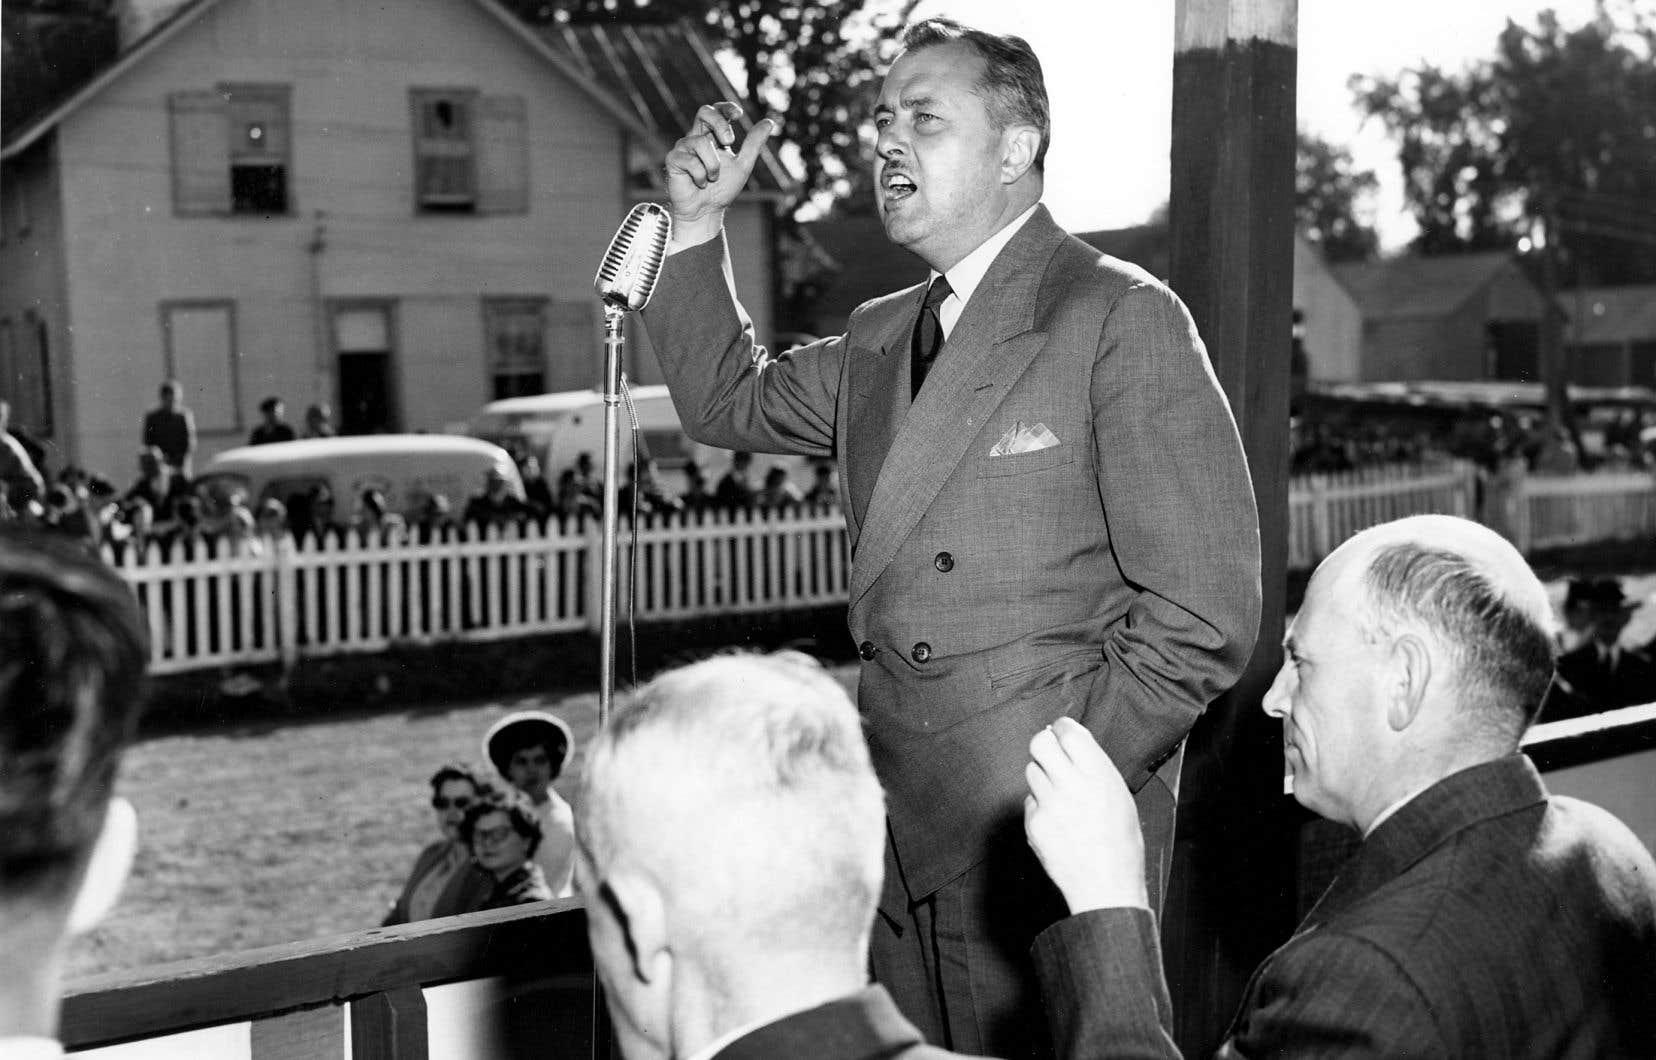 Premier ministre du Québec de septembre 1959 à janvier 1960, Paul Sauvé a fait souffler un vent de renouveau sur le parti de l'Union nationale, créé par Maurice Duplessis.